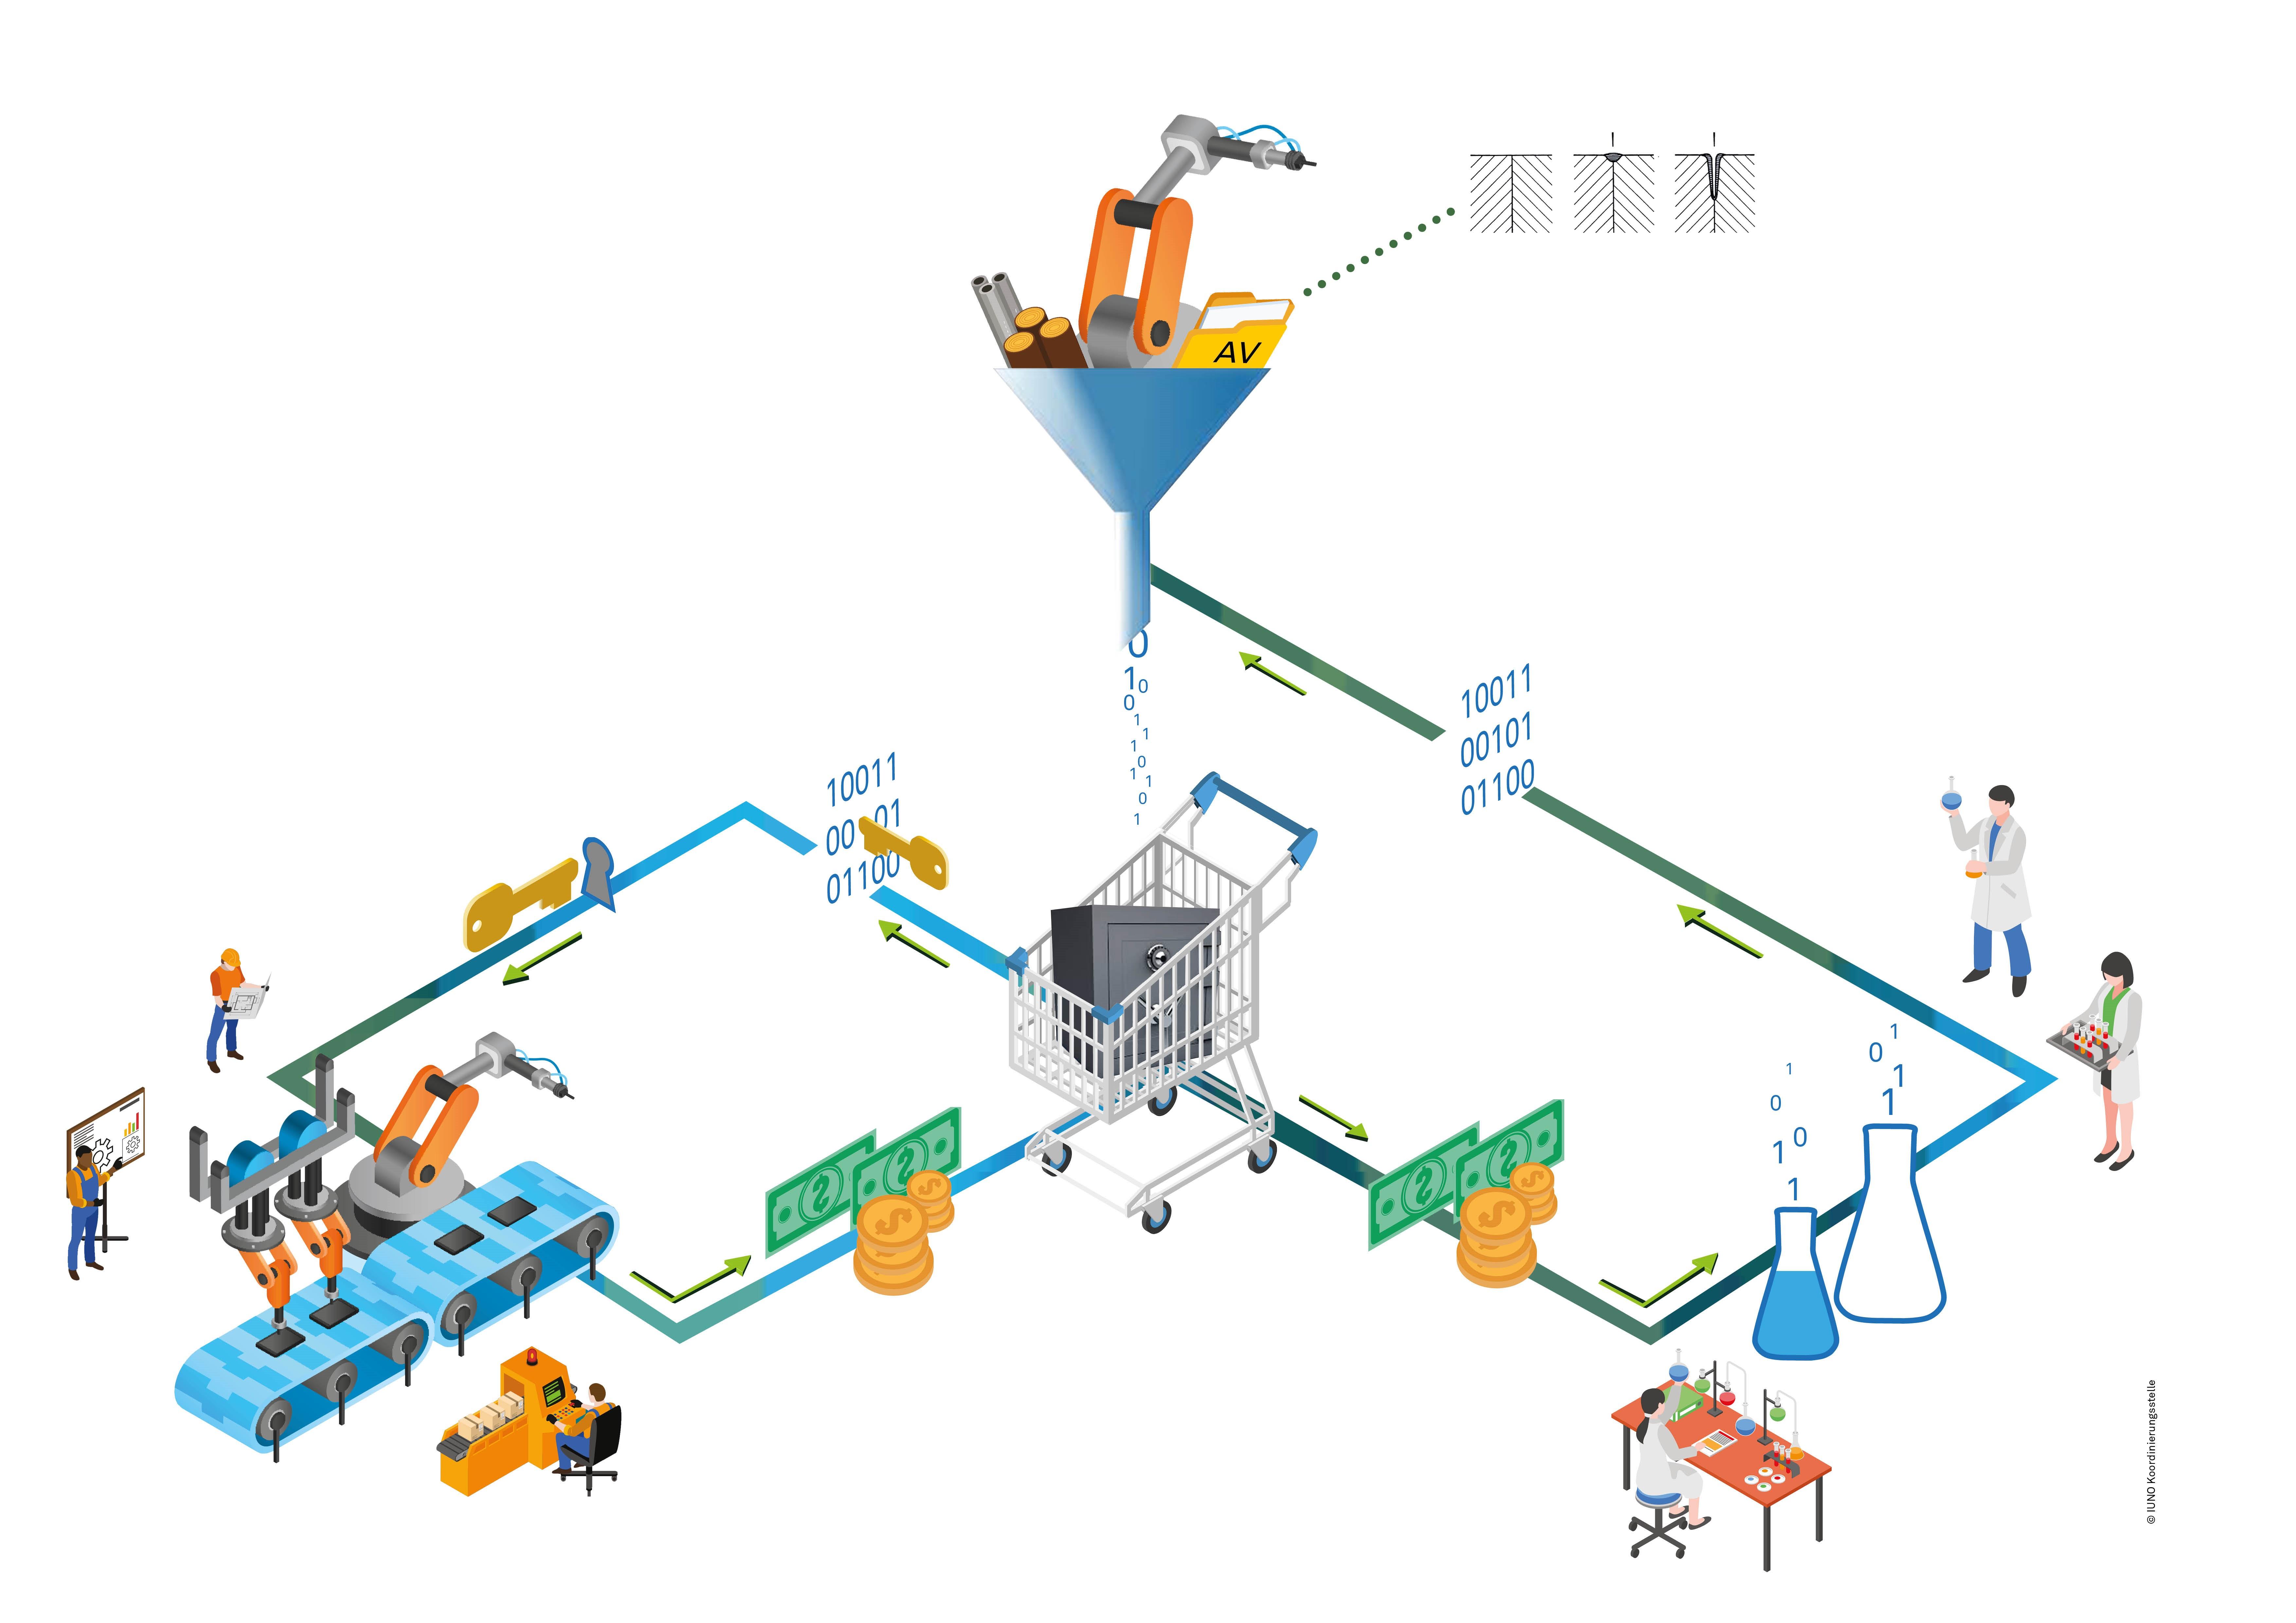 Grafik zum Technologiedatenmarktplatz des Forschungsprojekts Iuno (Bild: Iuno-Koordinierungsstelle von 2017)